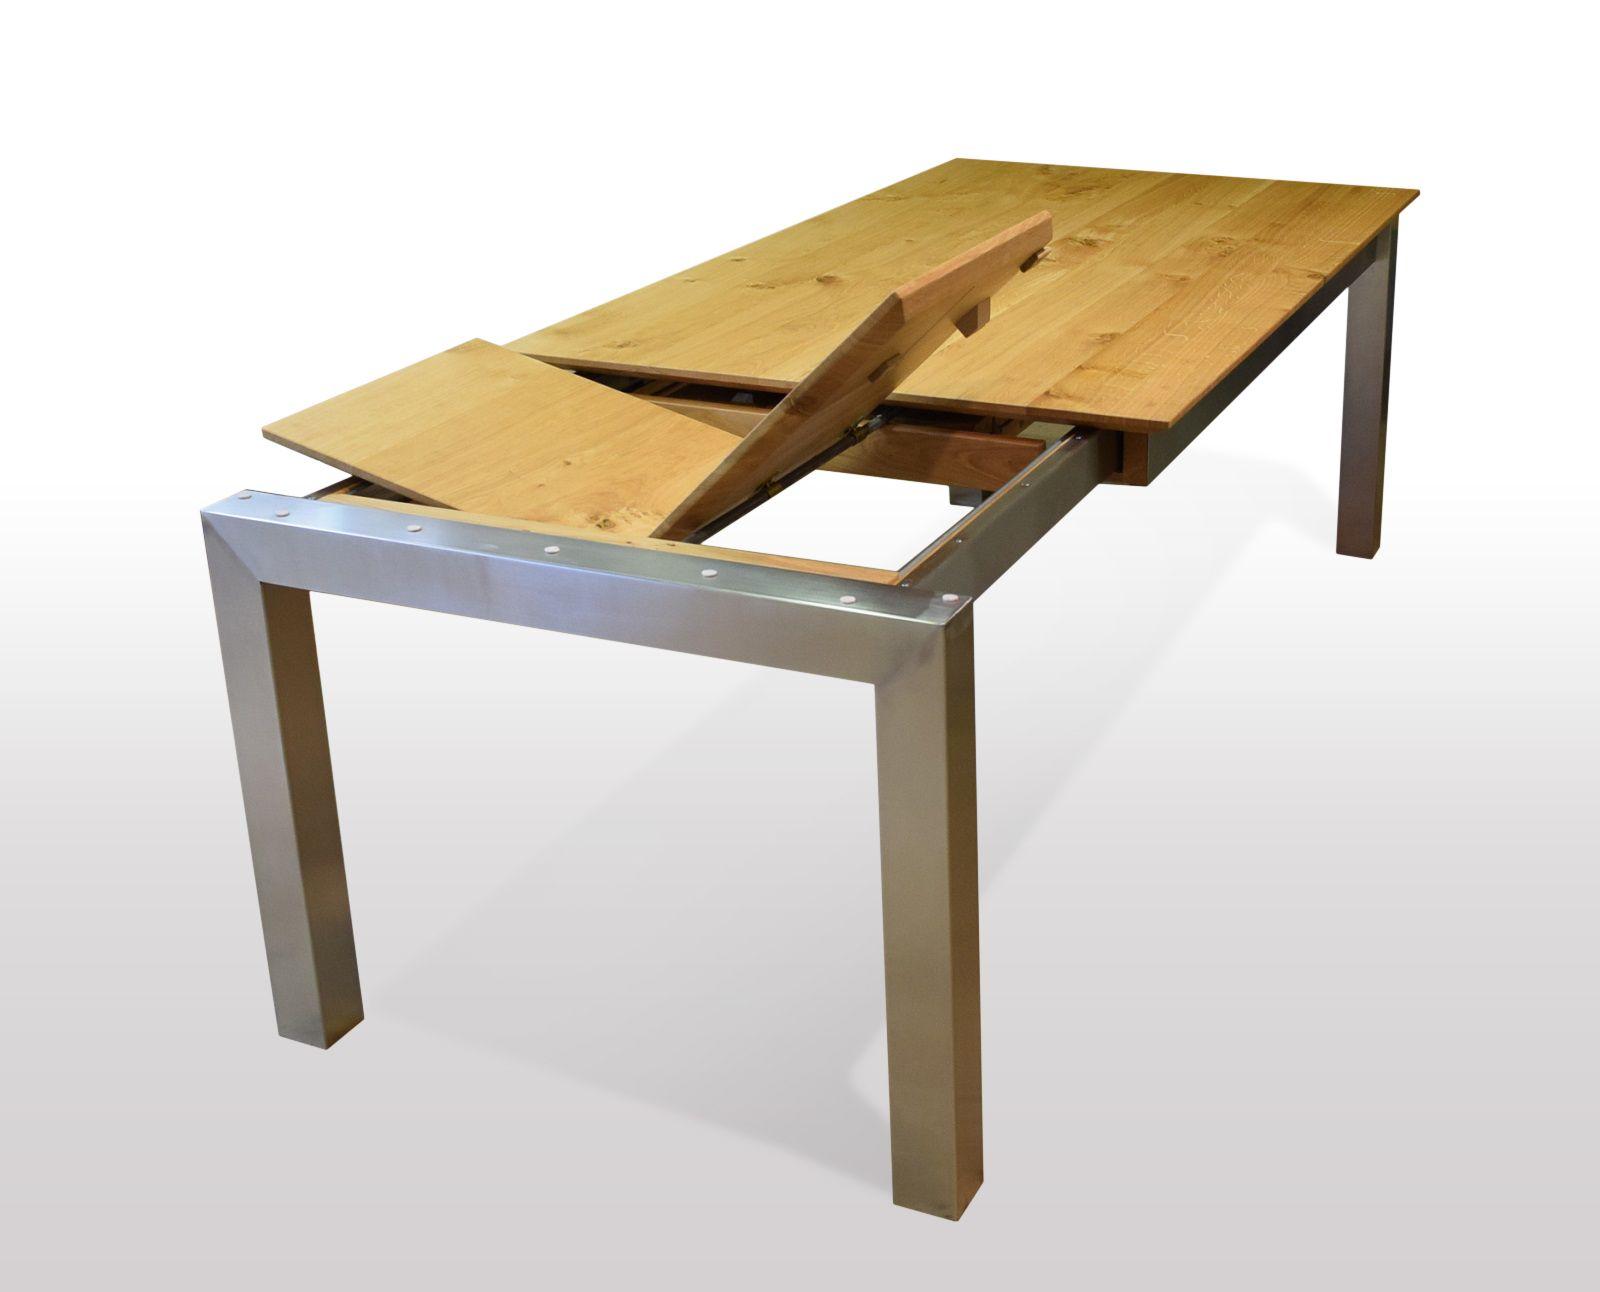 Tisch Wildeiche massiv Breite 120cm / Länge wählbar in